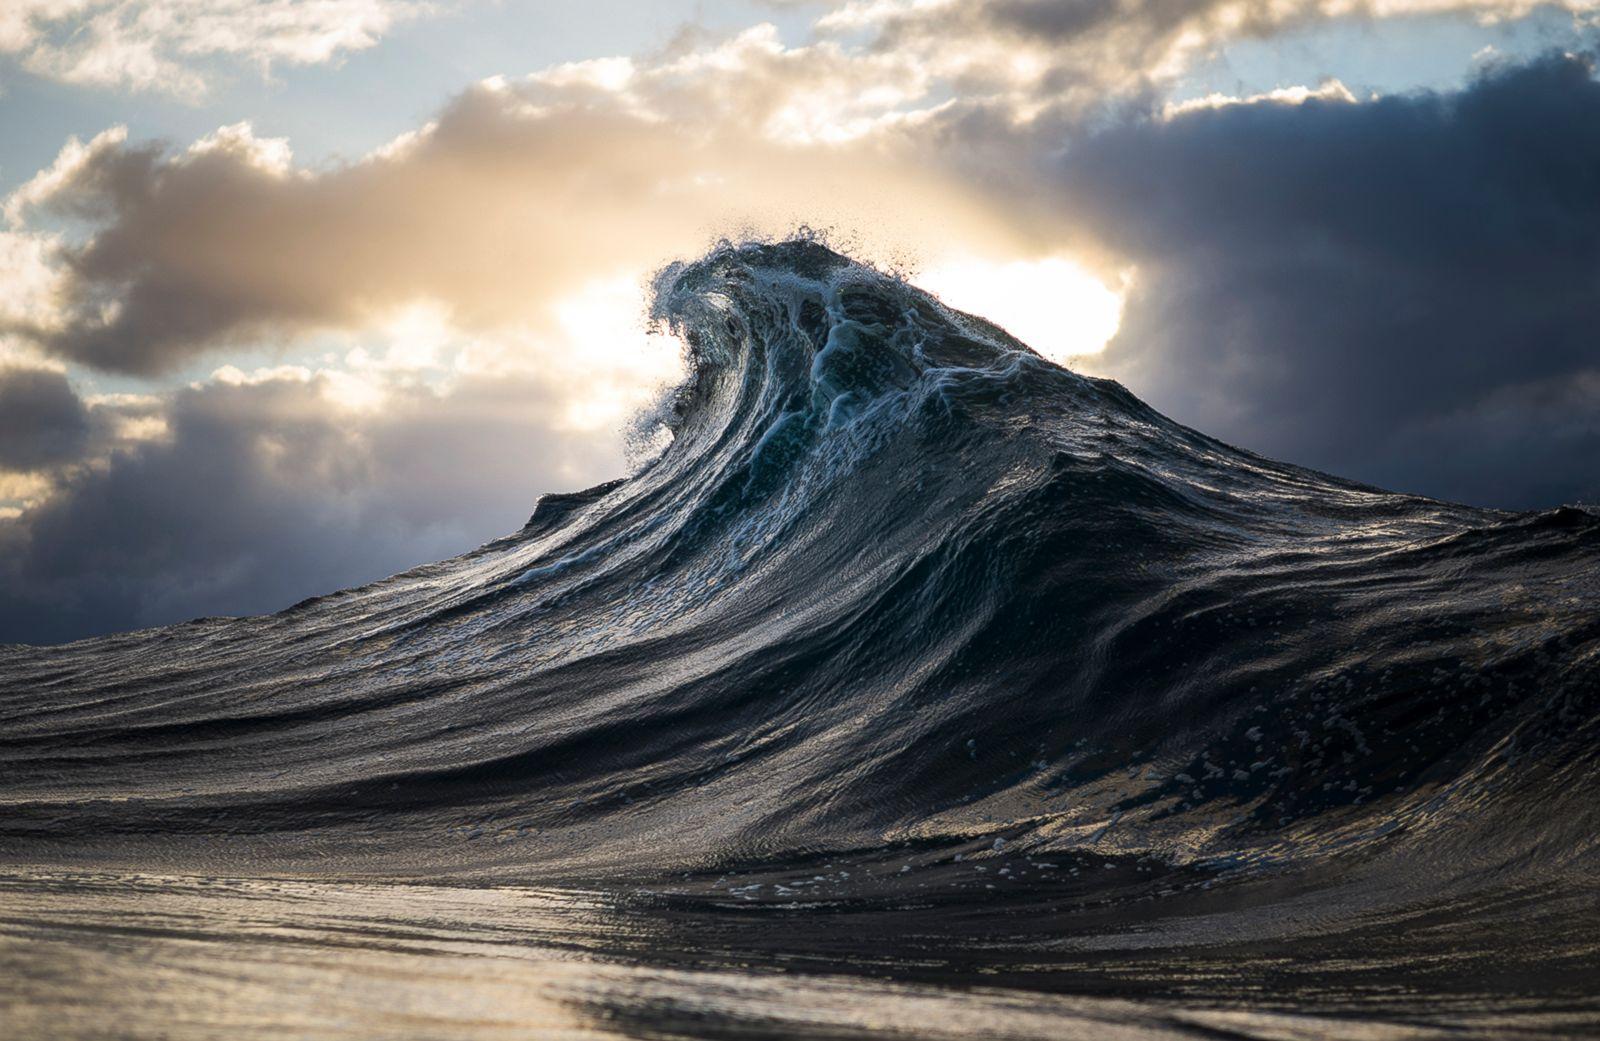 Mountainous Waves Photos | Image #11 - ABC News